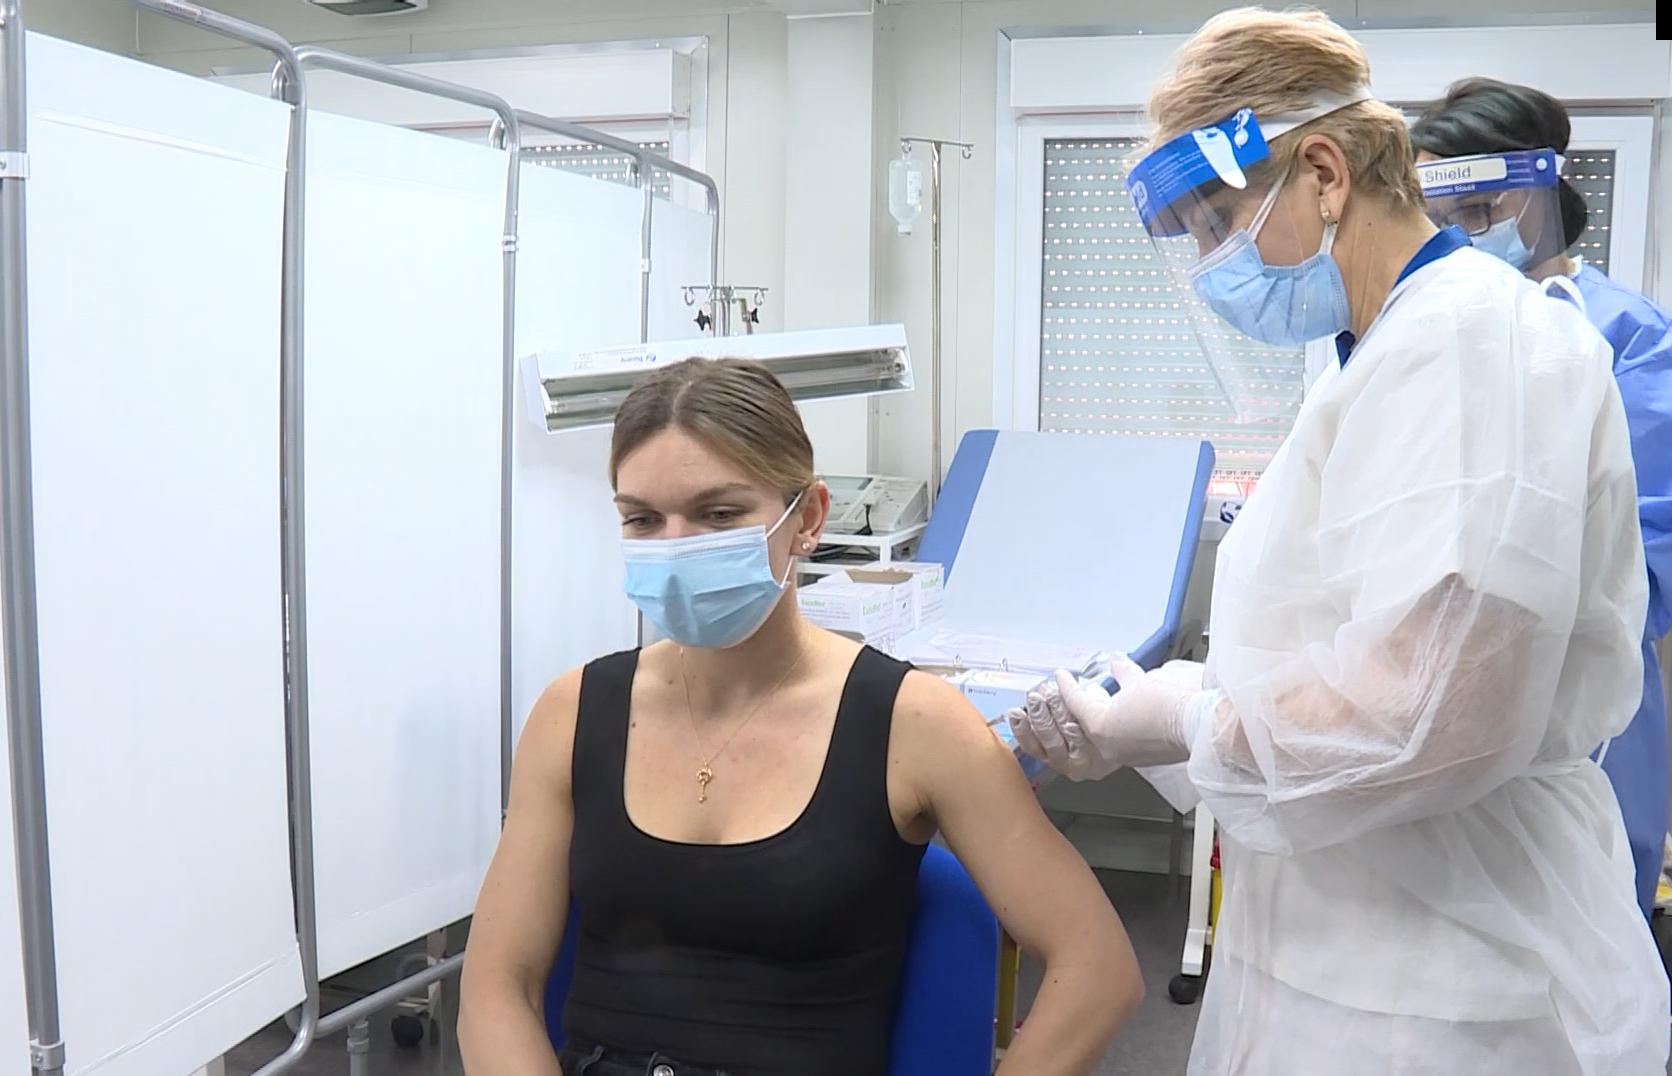 """Primele imagini cu momentul in care Simona Halep se vaccineaza: """"Nu am simtit nimic"""""""